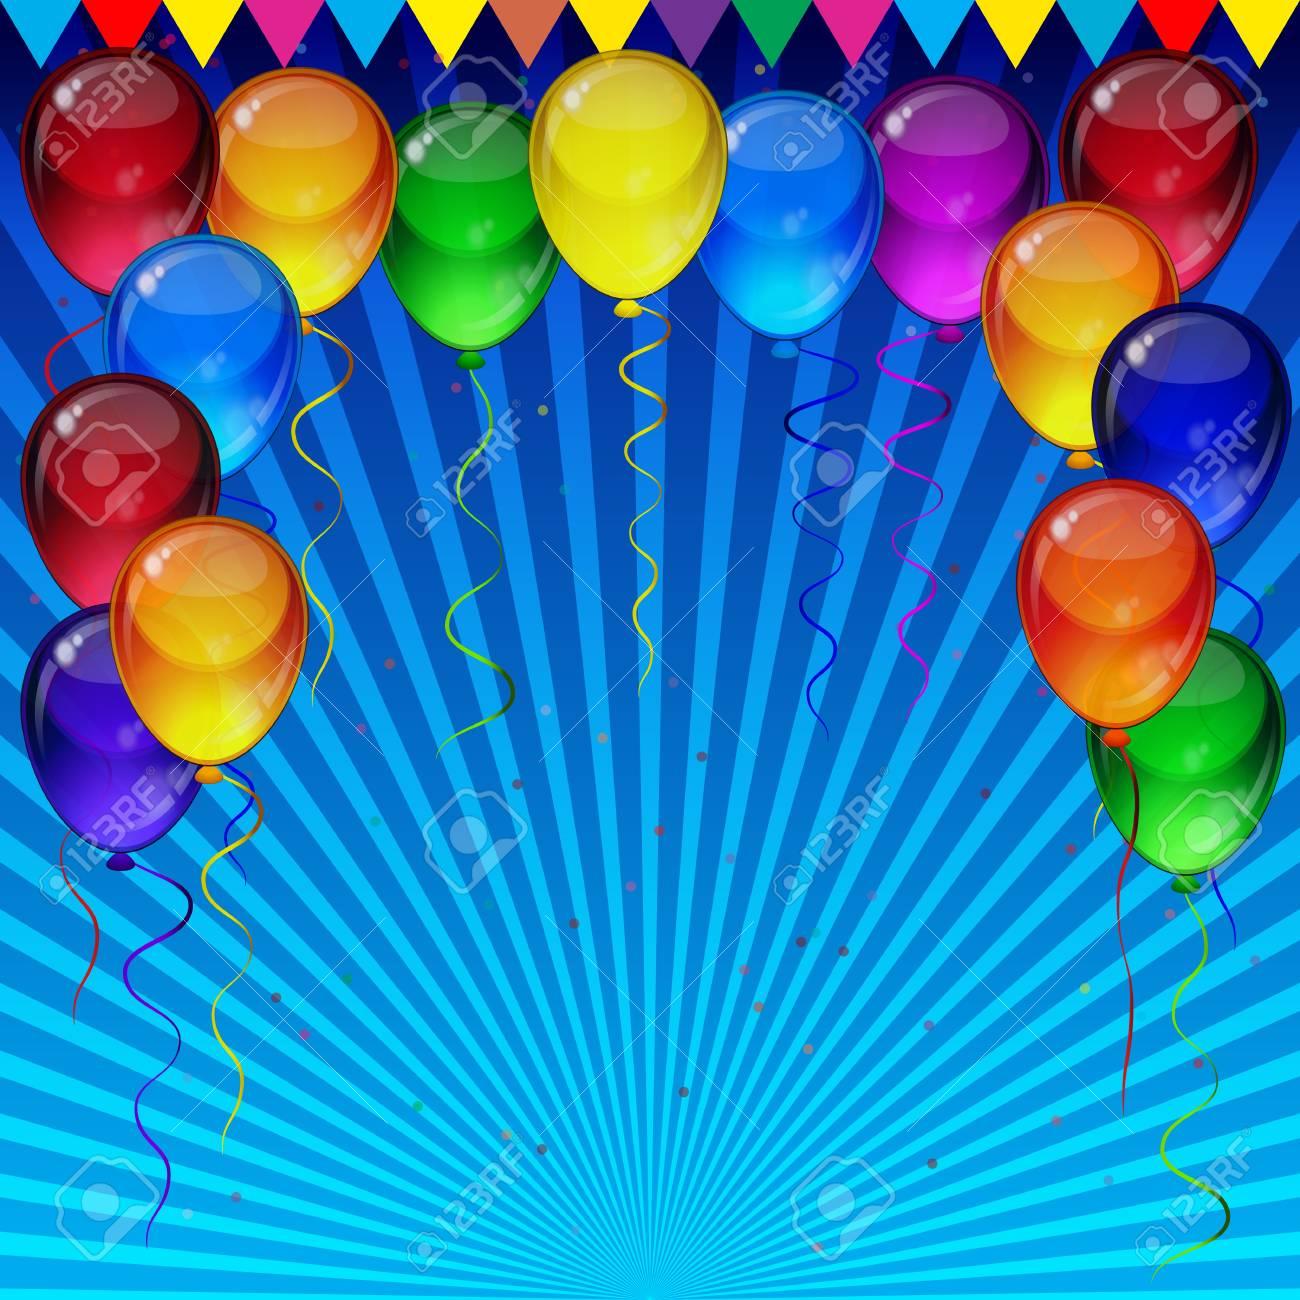 Fond D Ecran De Fete D Anniversaire Ballons De Fete Colores Confettis Rubans Volant Pour La Carte Des Celebrations En Fond Bleu Avec De L Espace Pour Votre Texte Clip Art Libres De Droits